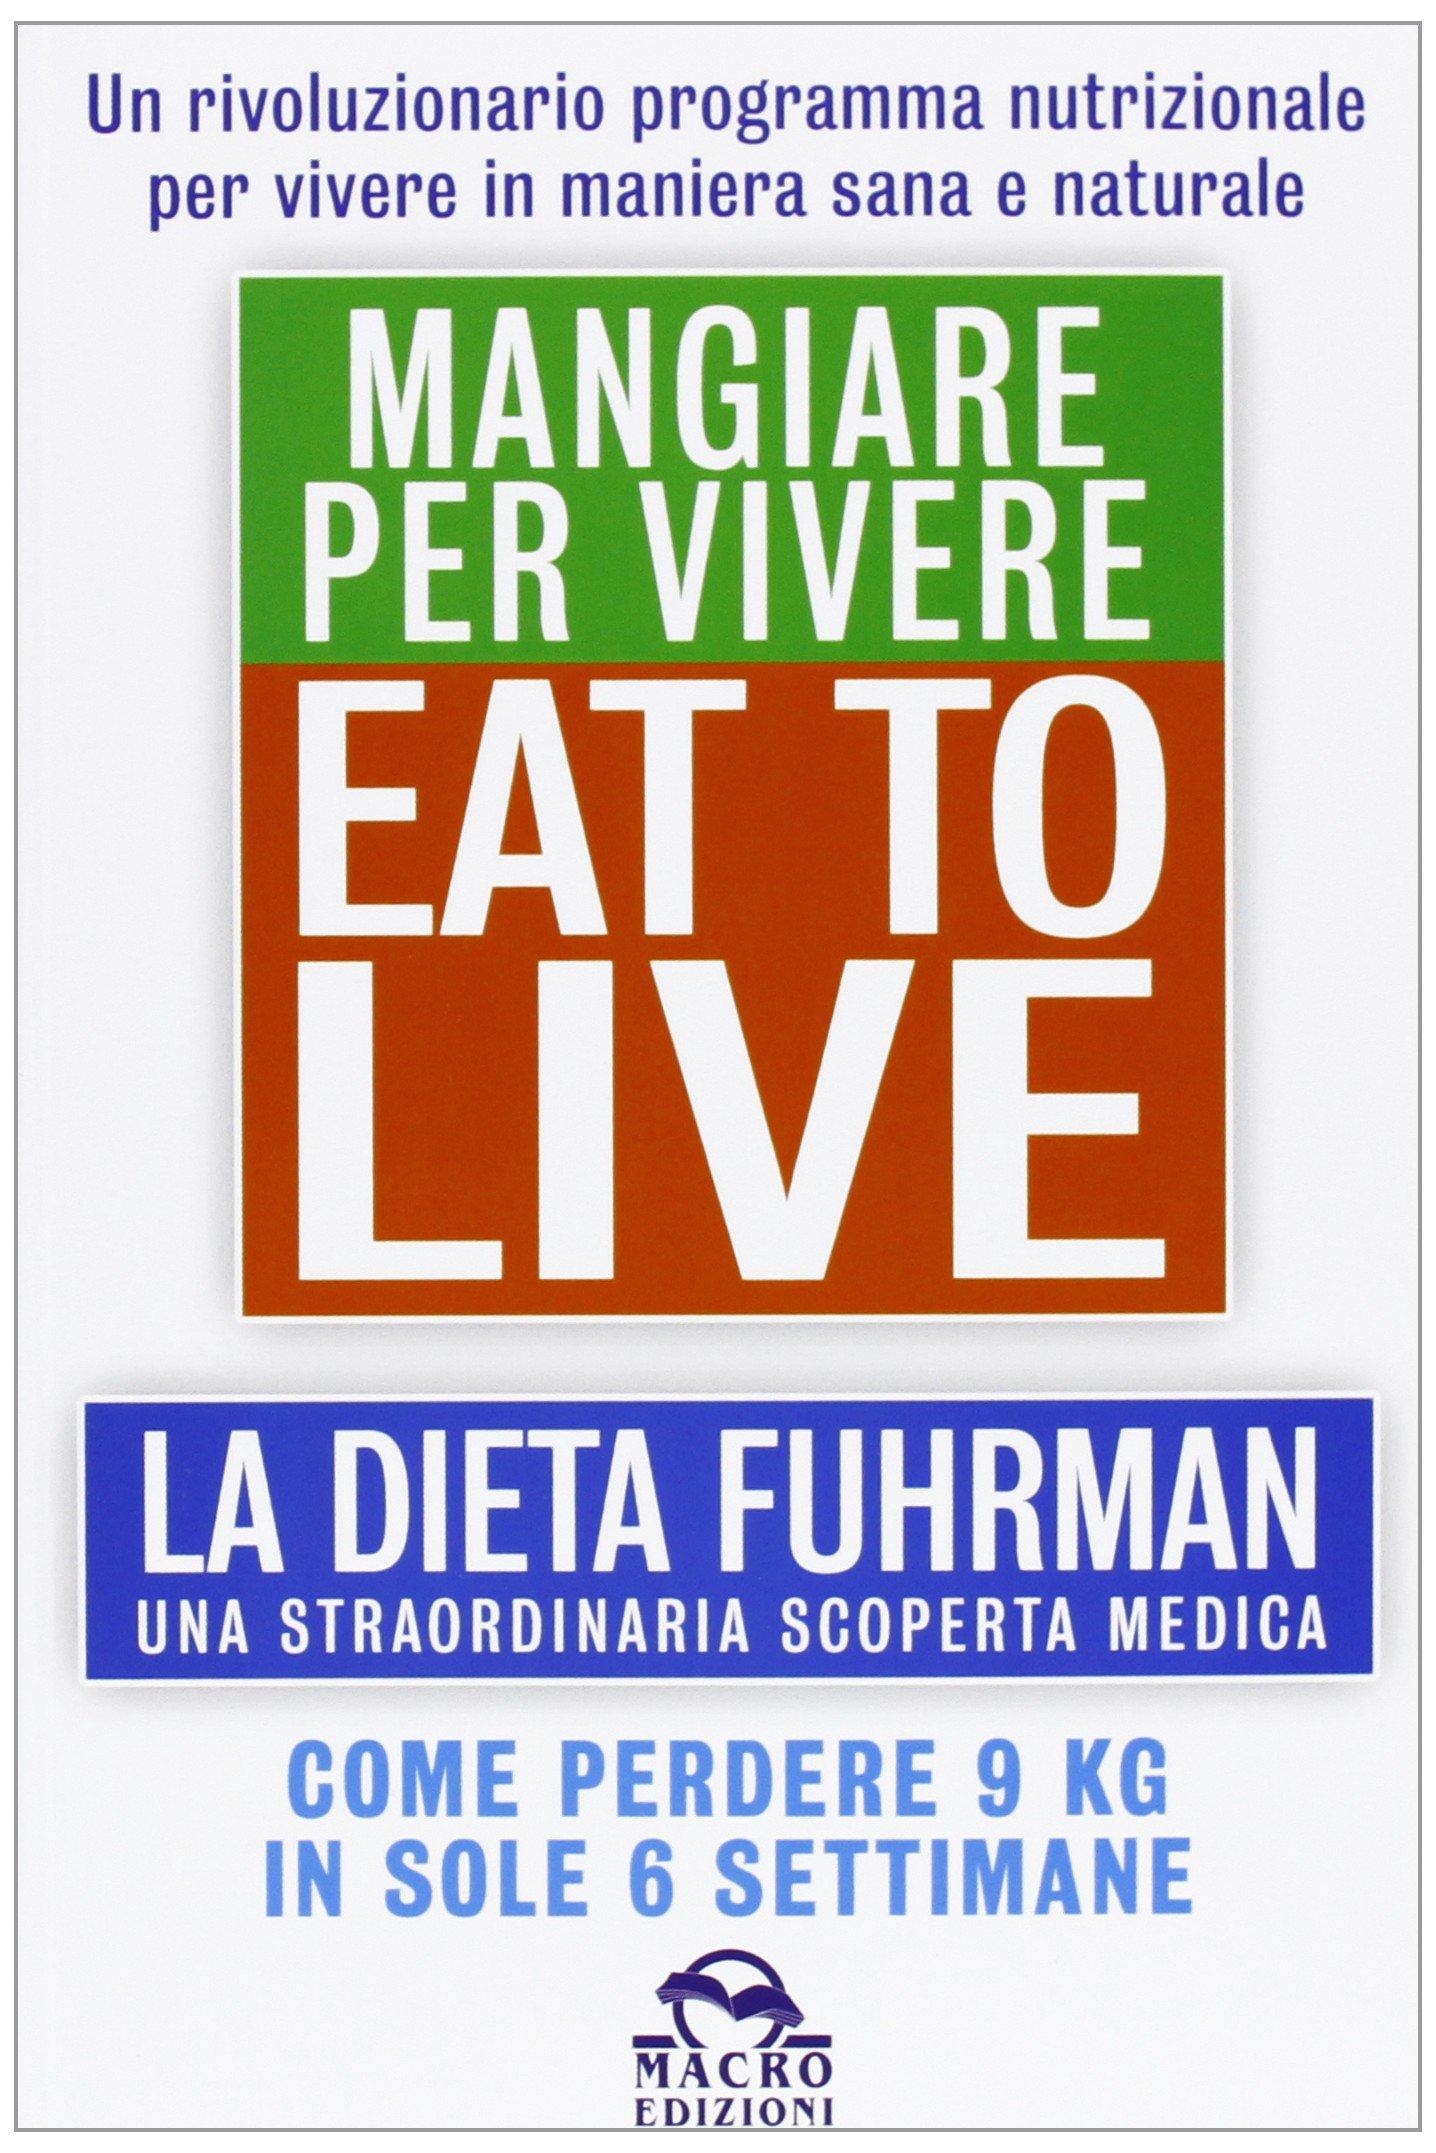 dieta vegetariana per perdere 5 kg in una settimana